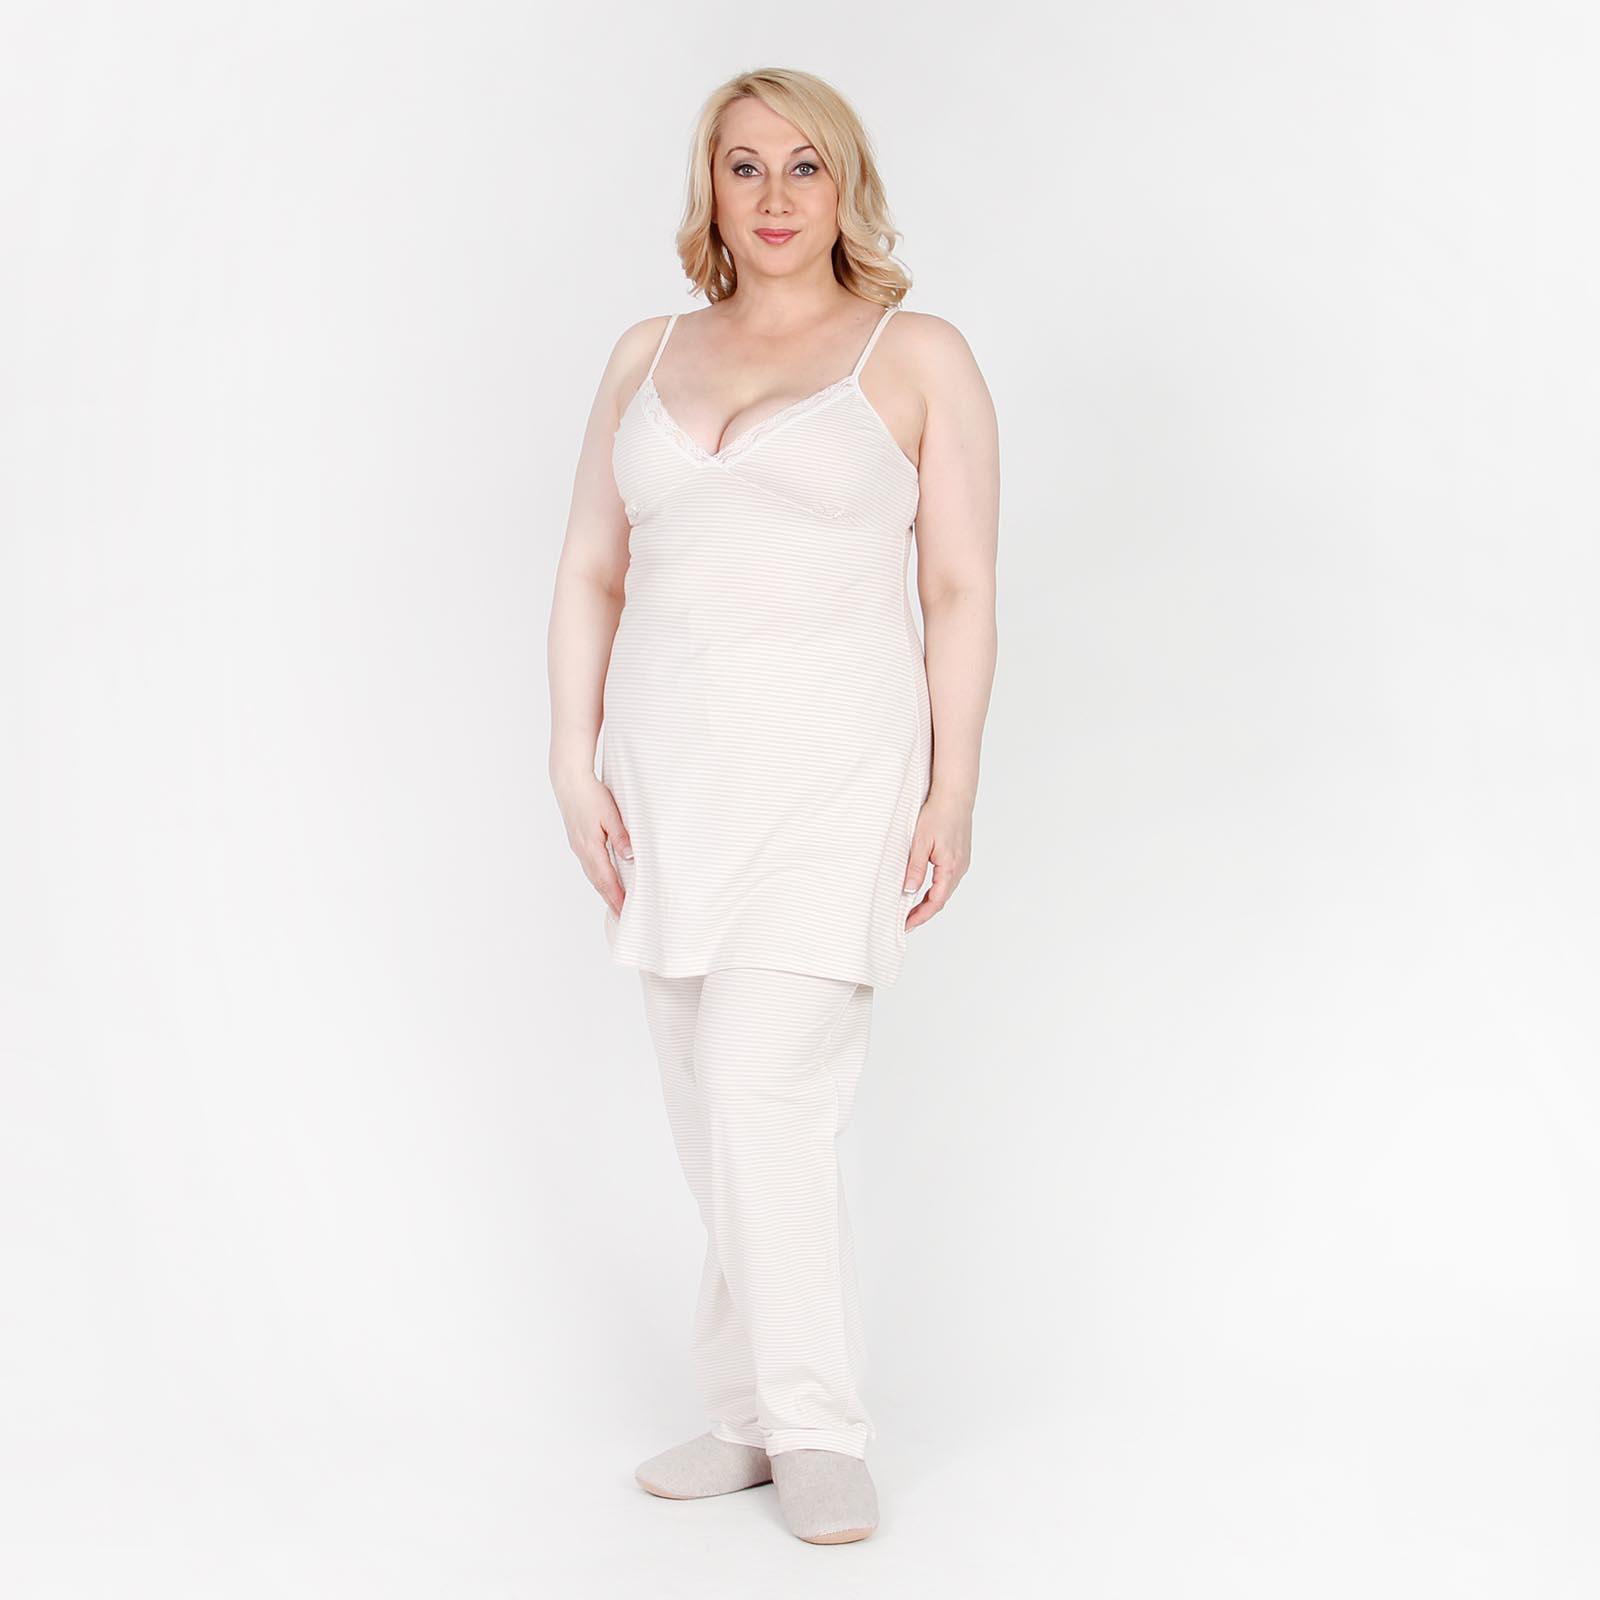 Сорочка женская на бретелях, коллекция «Нежное кружево»